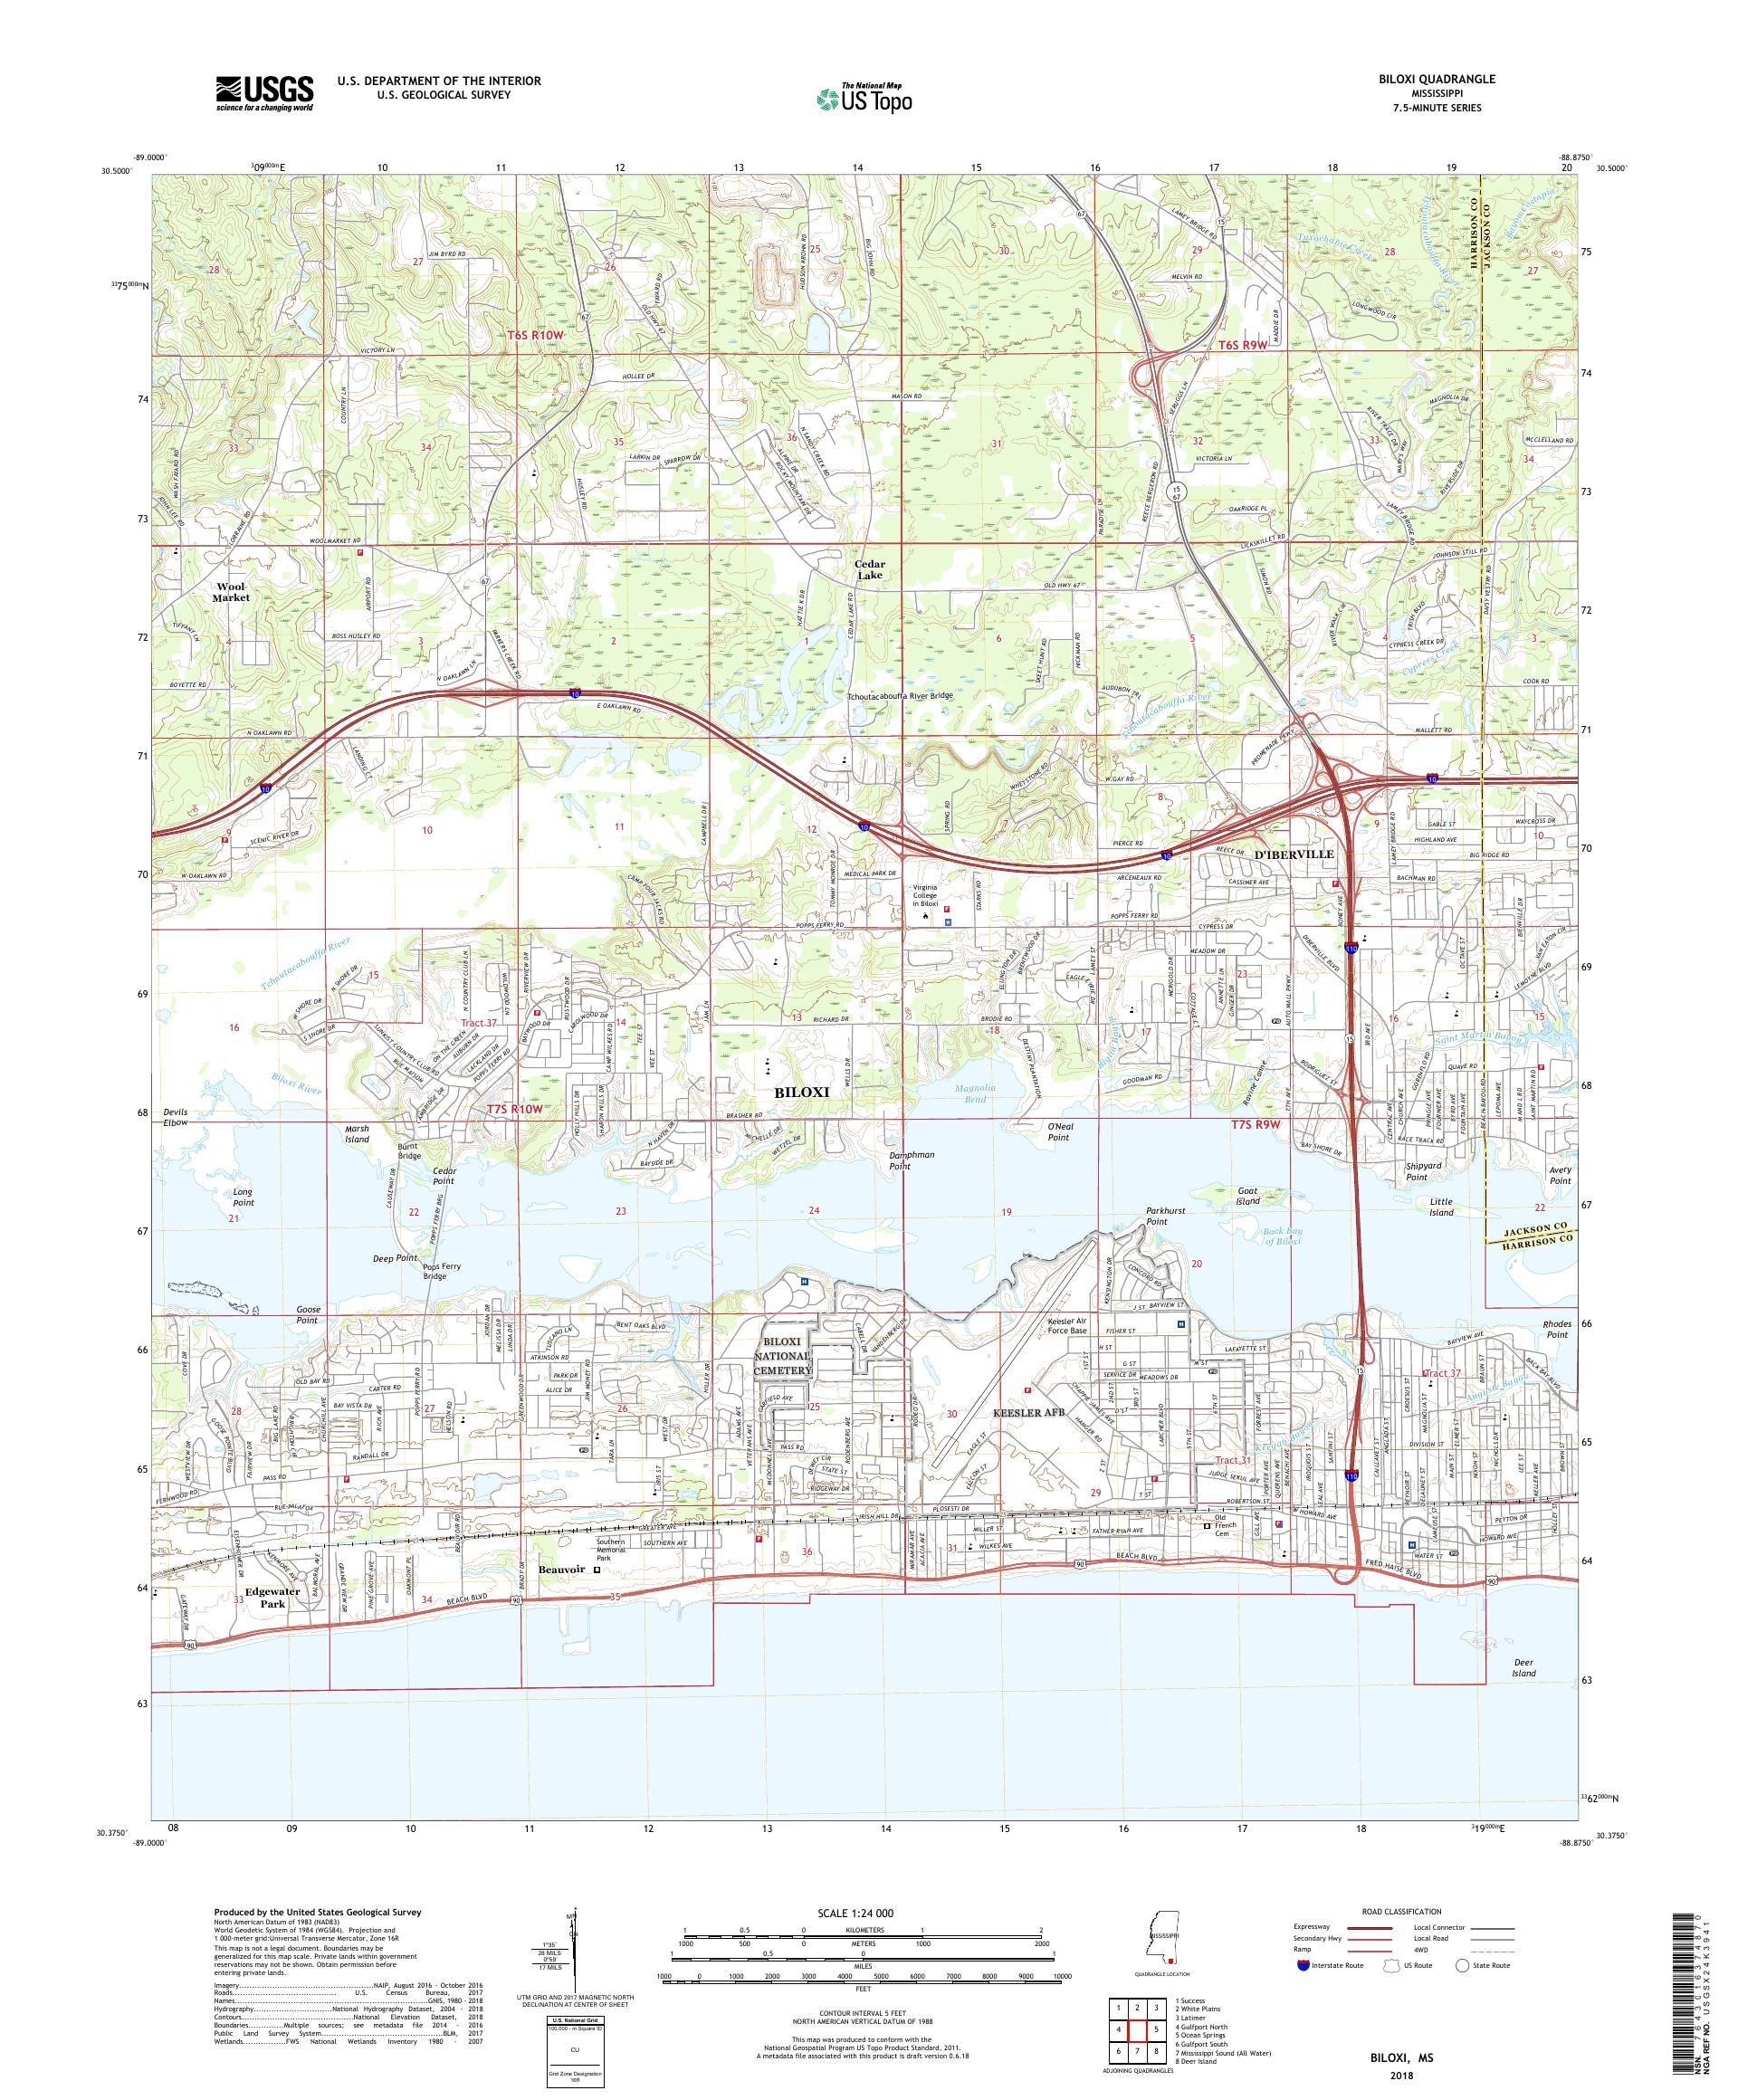 Mytopo Biloxi Mississippi Usgs Quad Topo Map